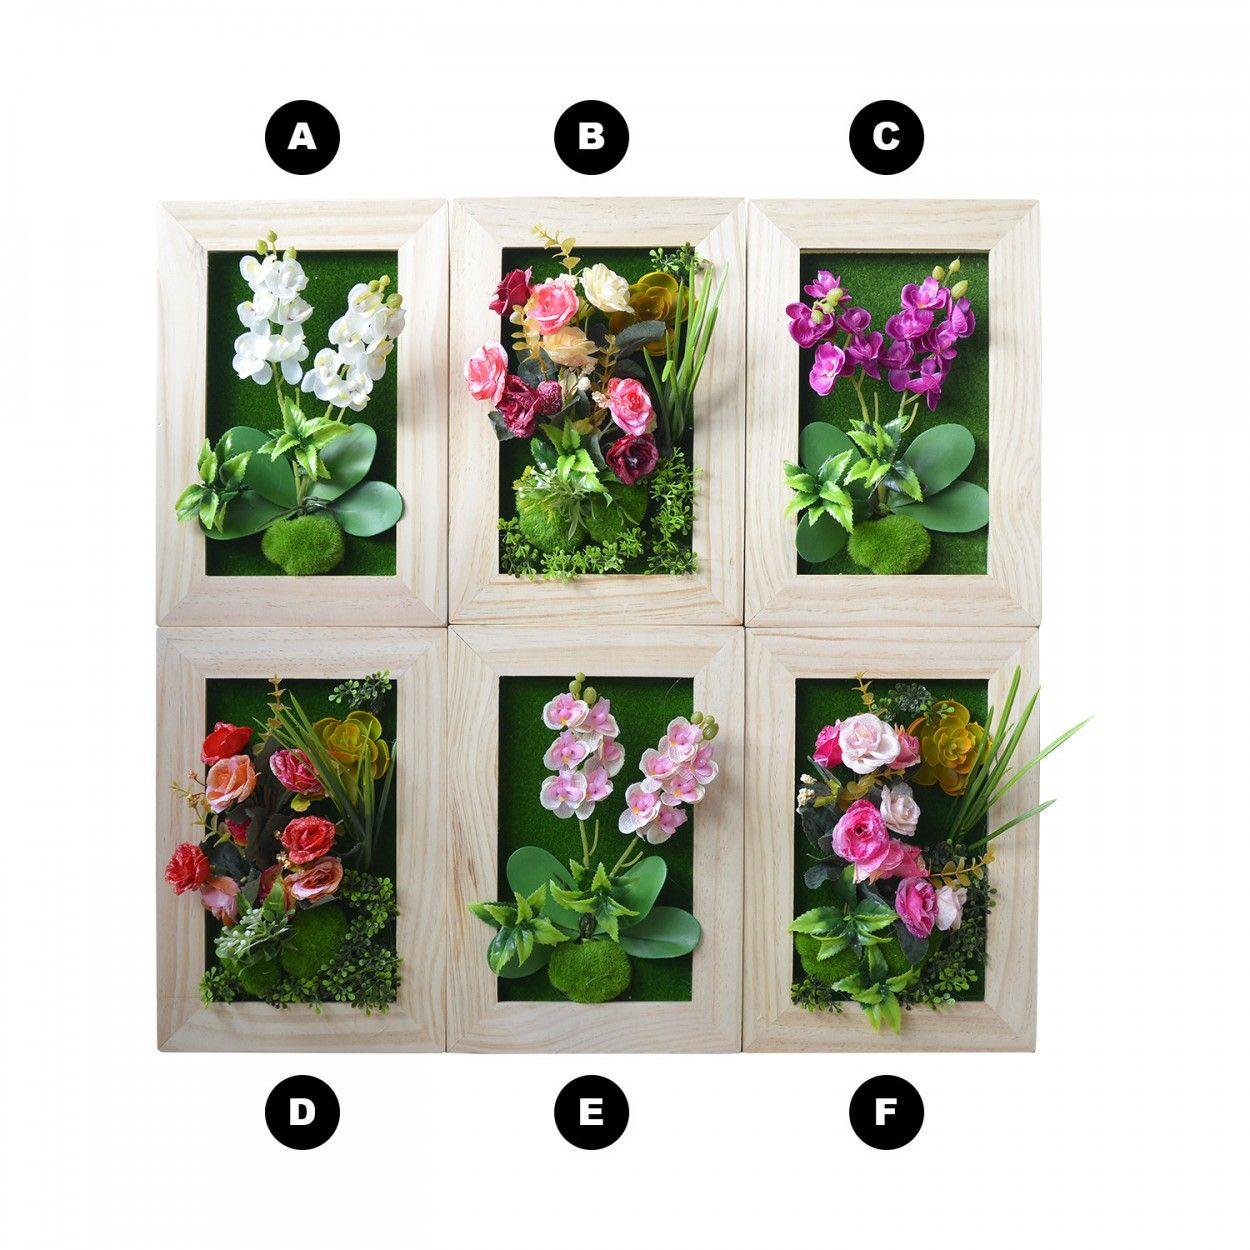 Jard n vertical pared plantas artificiales hogar y m s for Cuadros diseno para salon